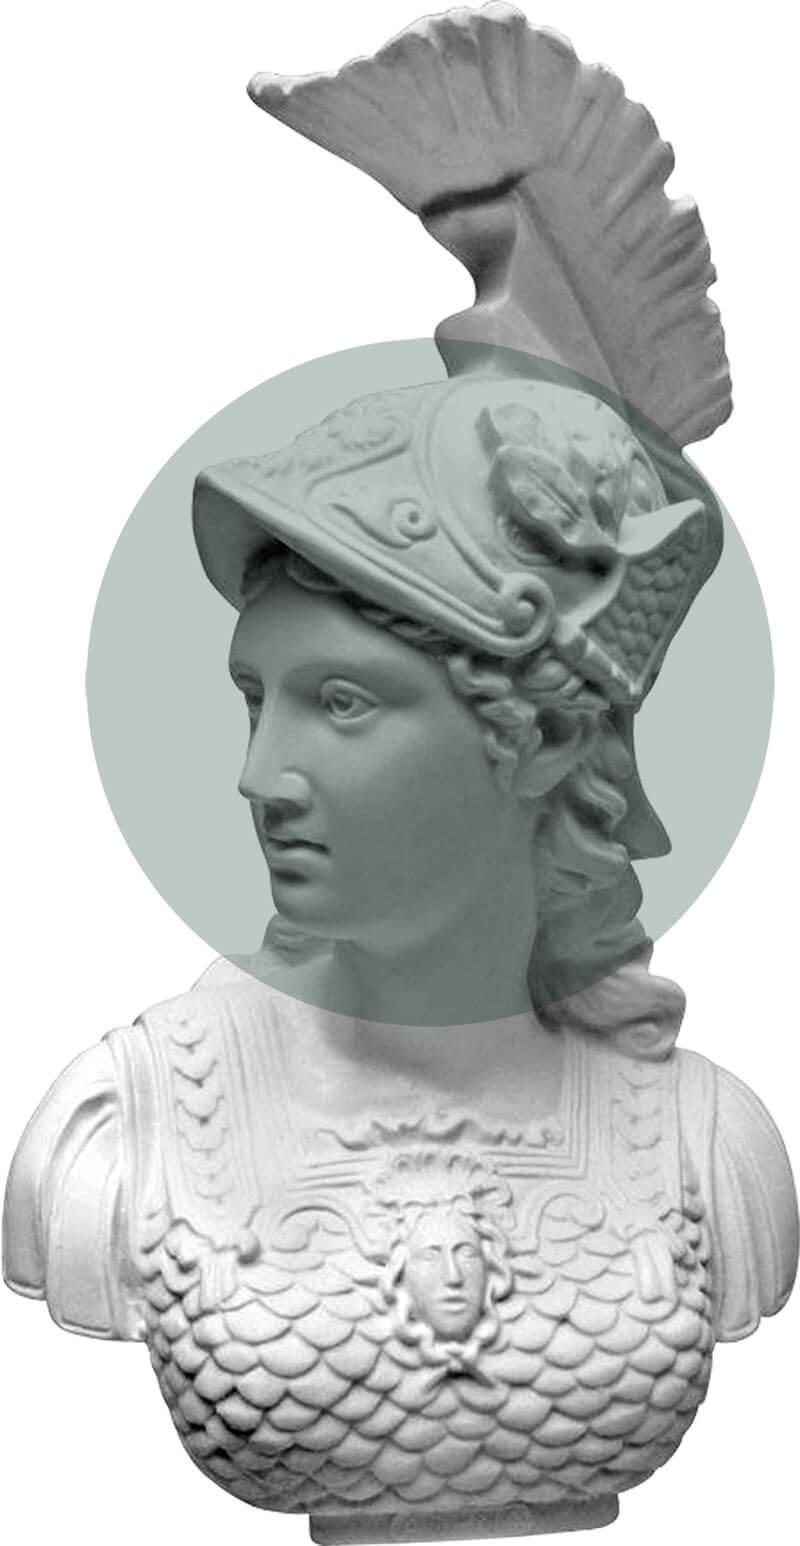 Delfitex: Athena, dea della sapienza, della tessitura e delle arti